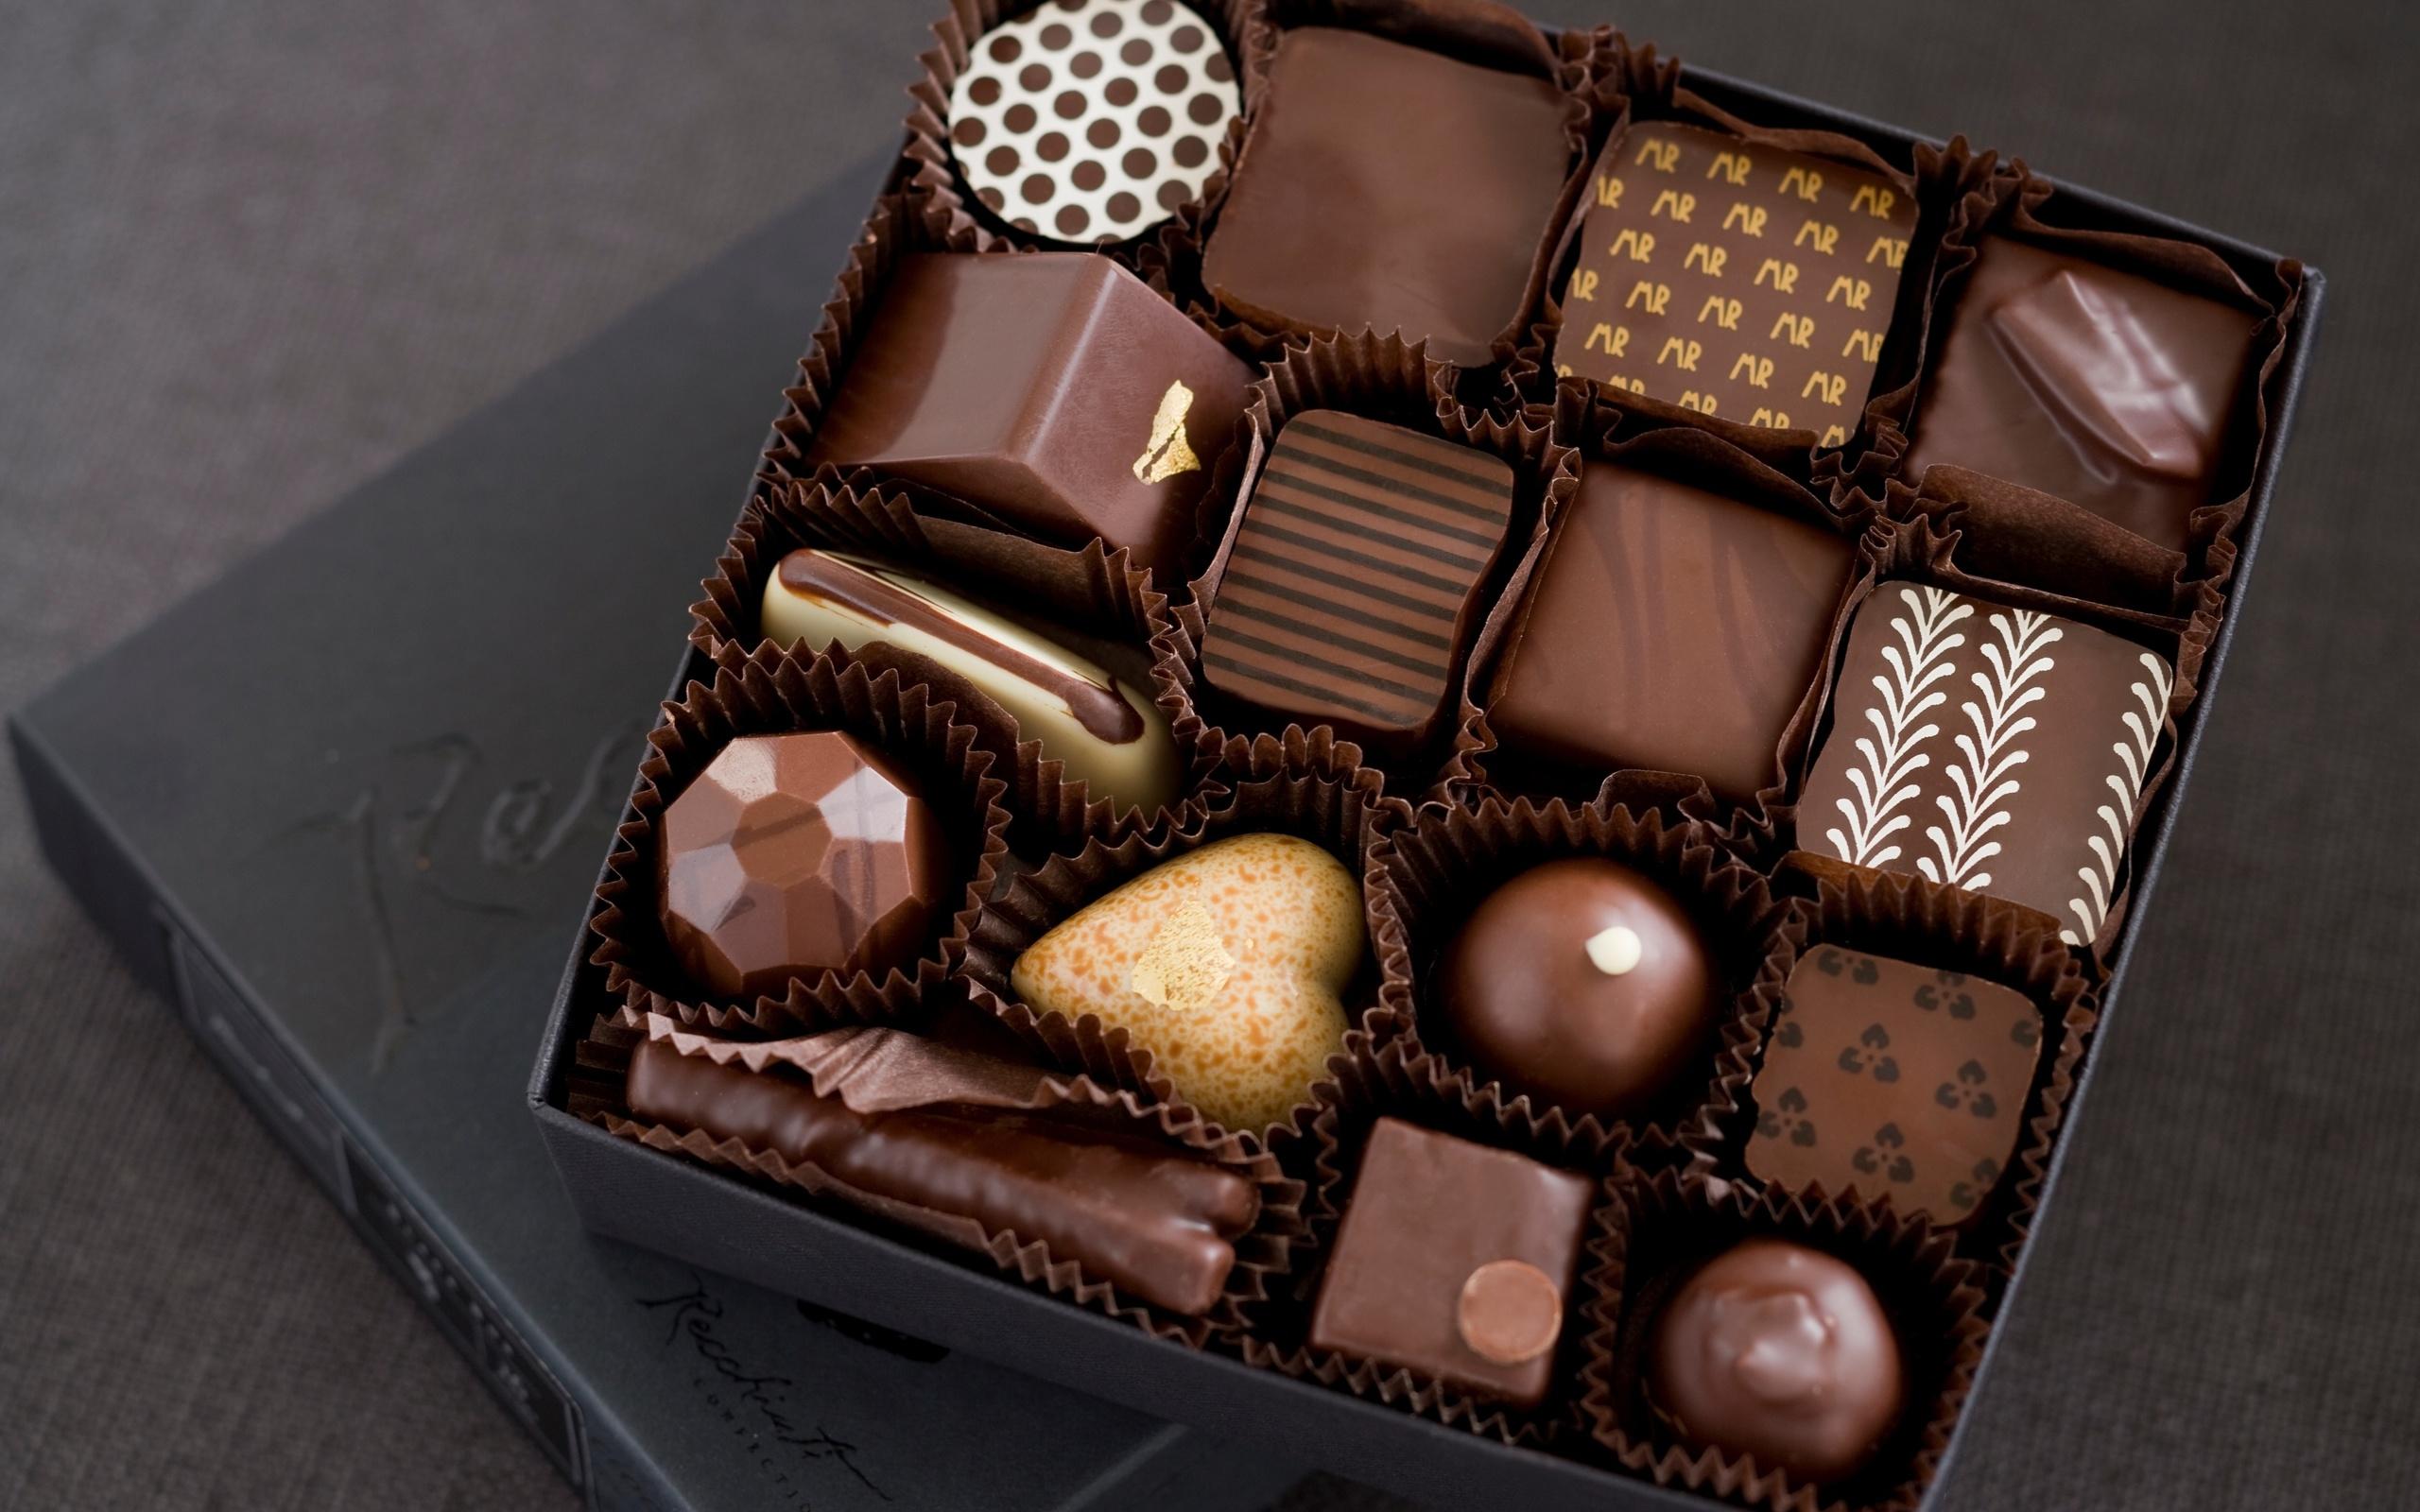 Красивые конфеты фото, поздравление начальника мамочка